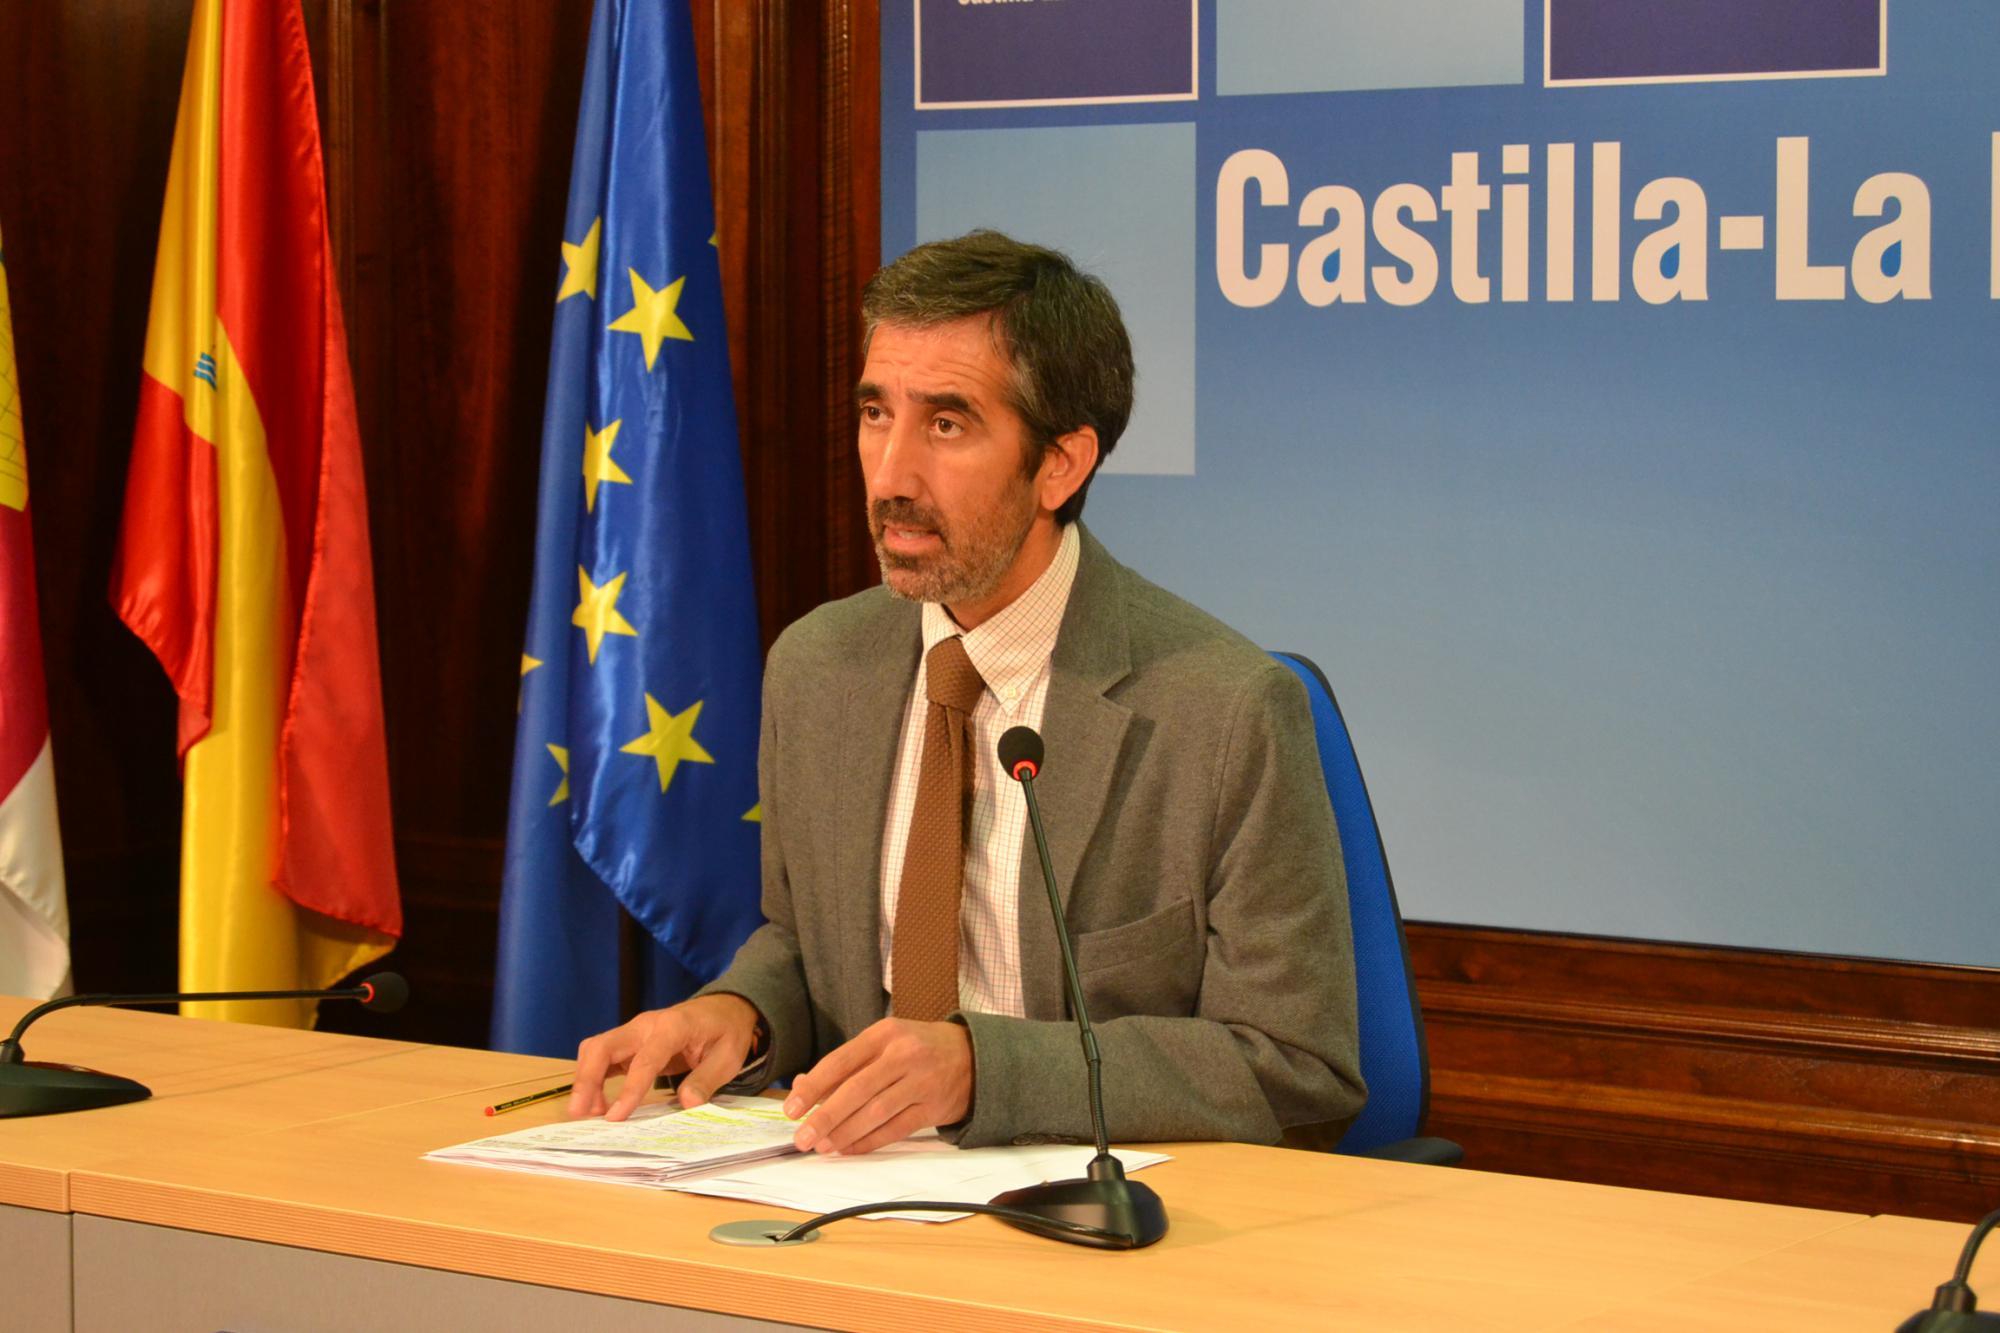 Condado destaca la partida de 16,8 millones de euros para preservar el medio ambiente y la prevención contra los incendios forestales